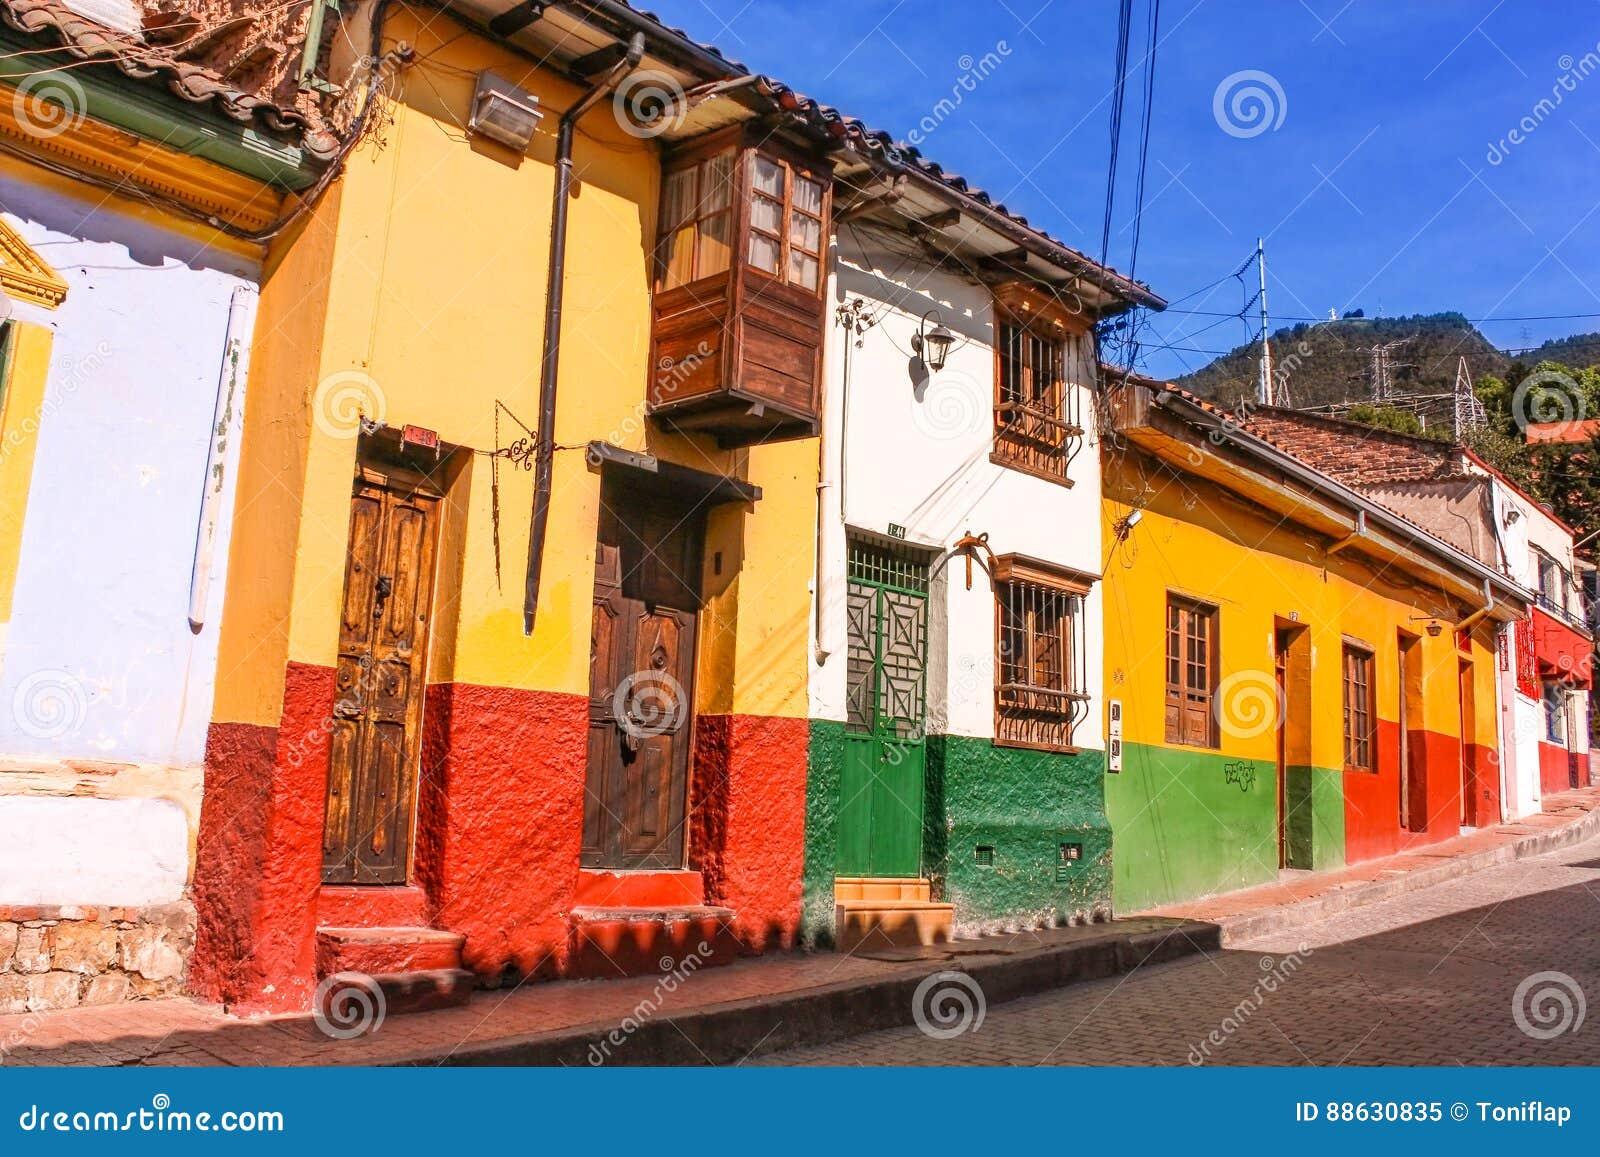 Rua colonial ¡ de BogotÃ, Colômbia